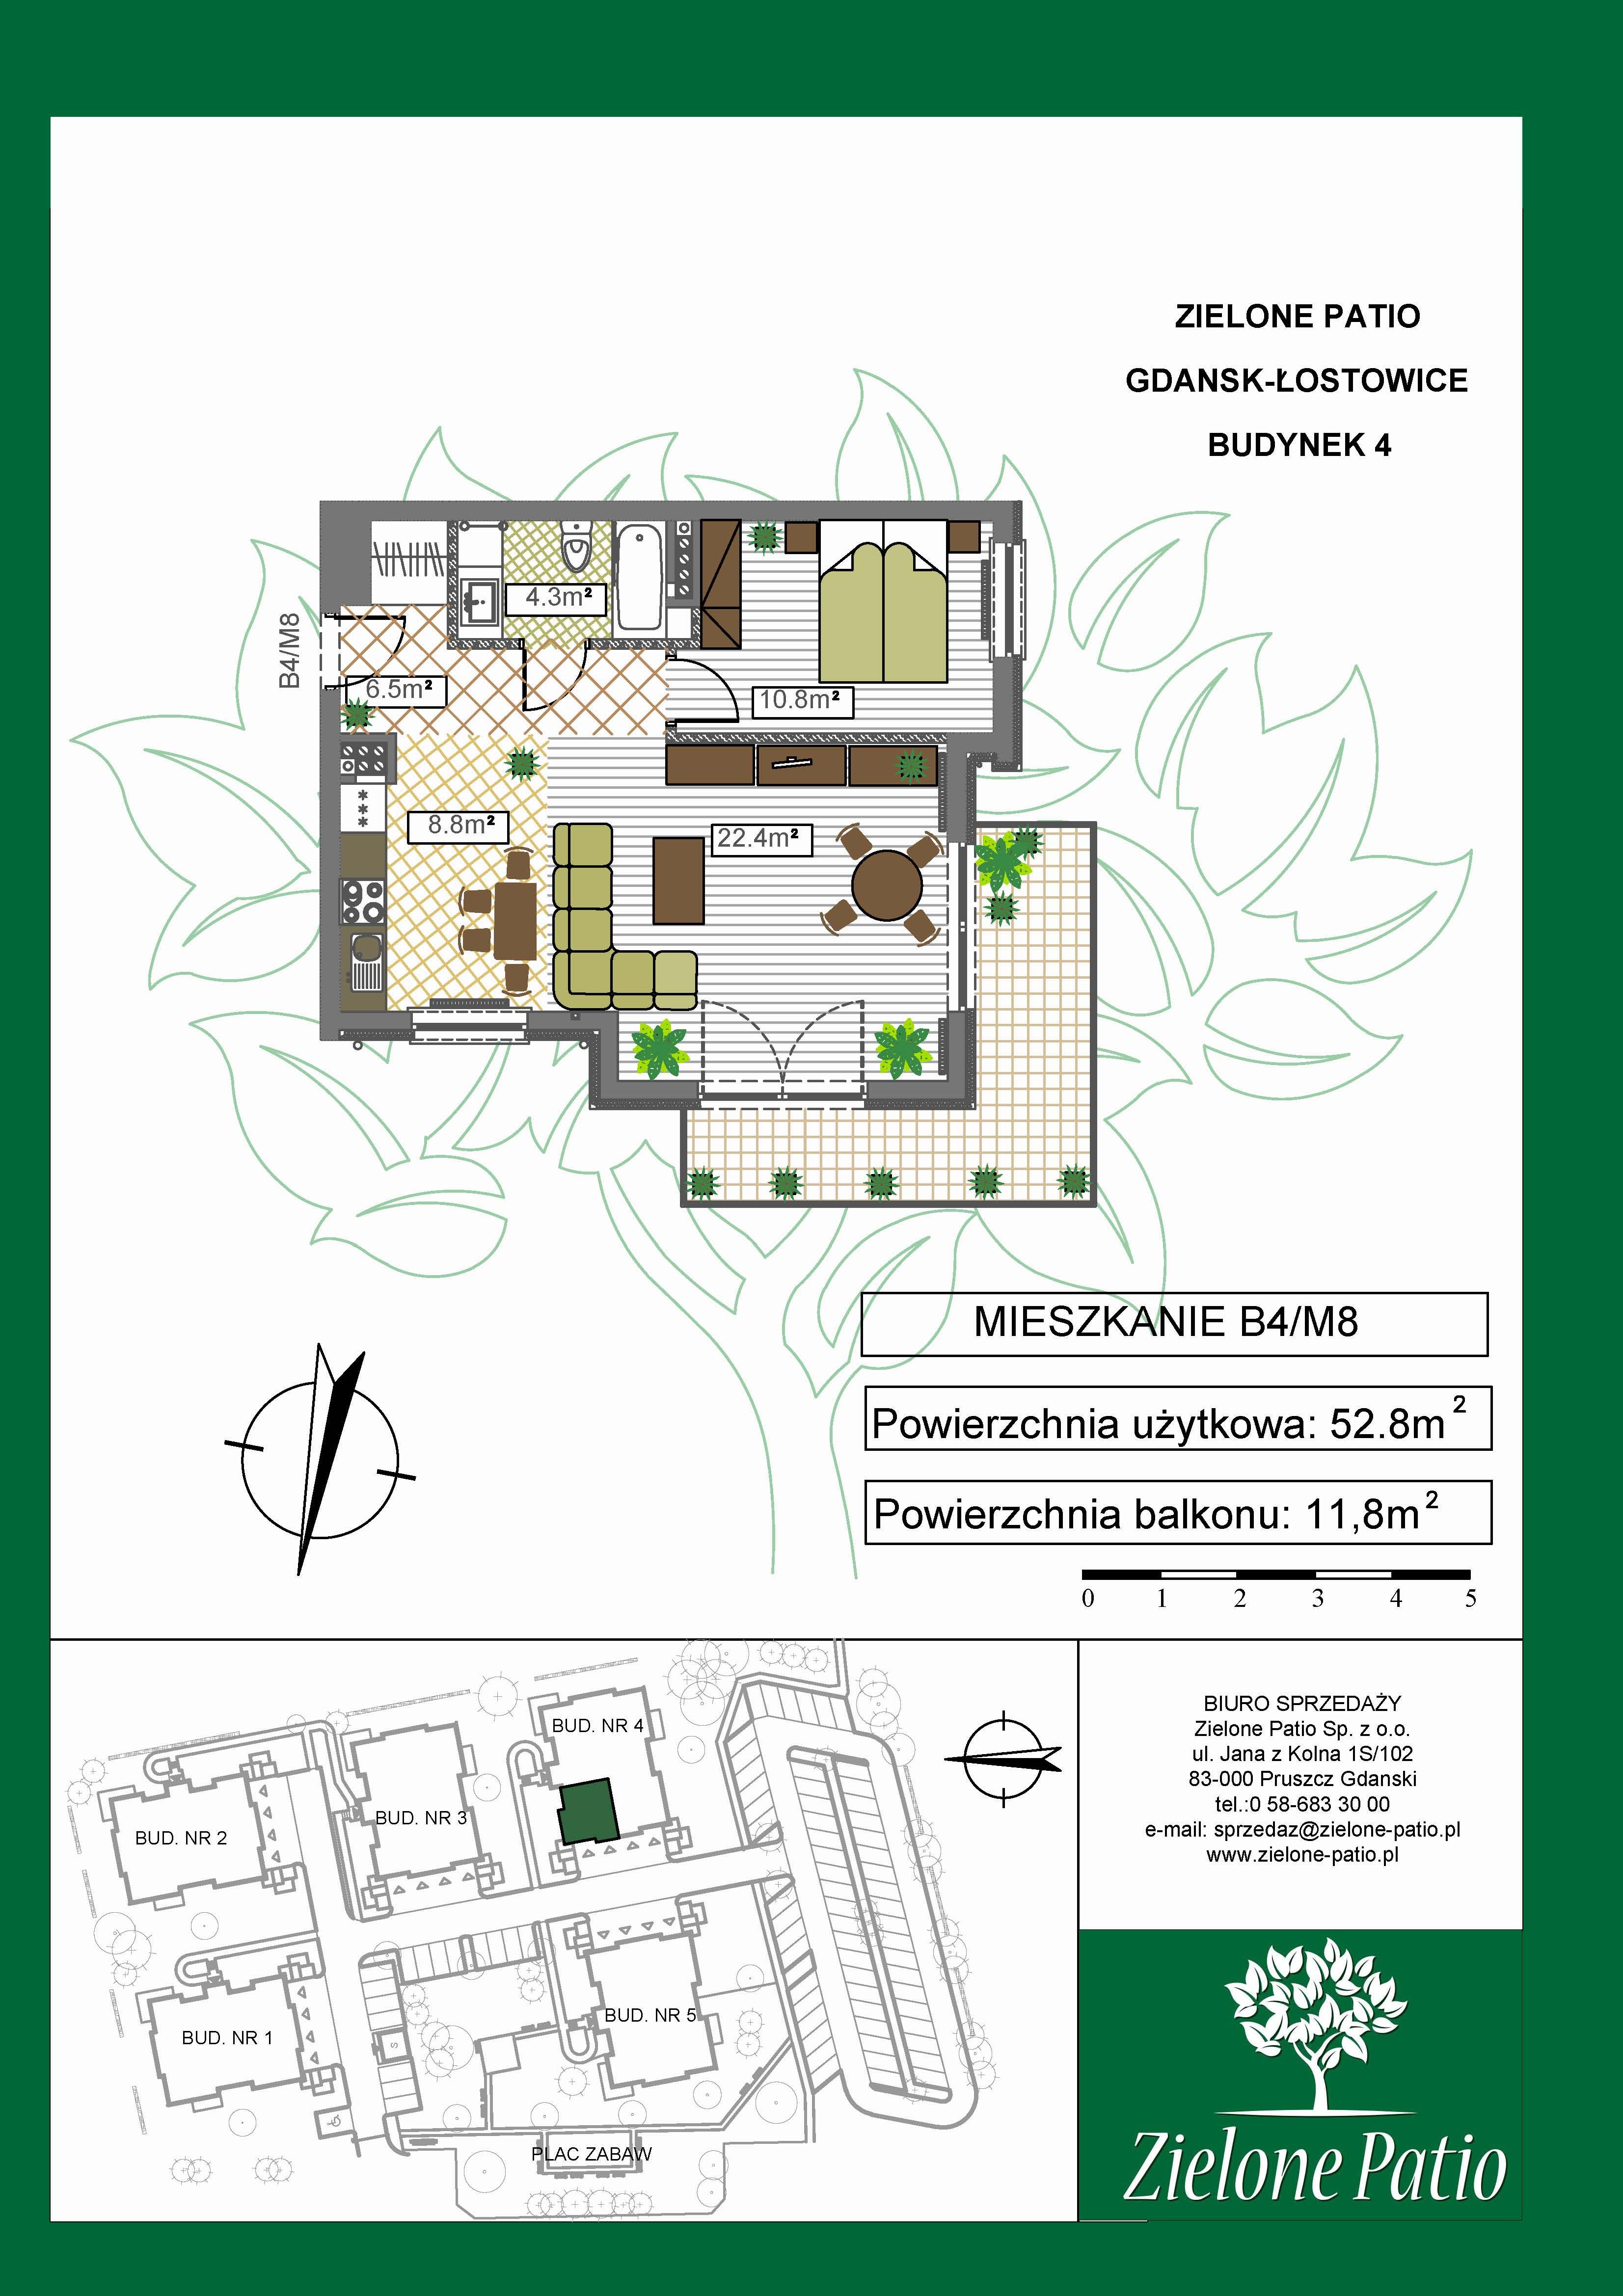 Plan M8 Zielone Patio, Budynek nr 4